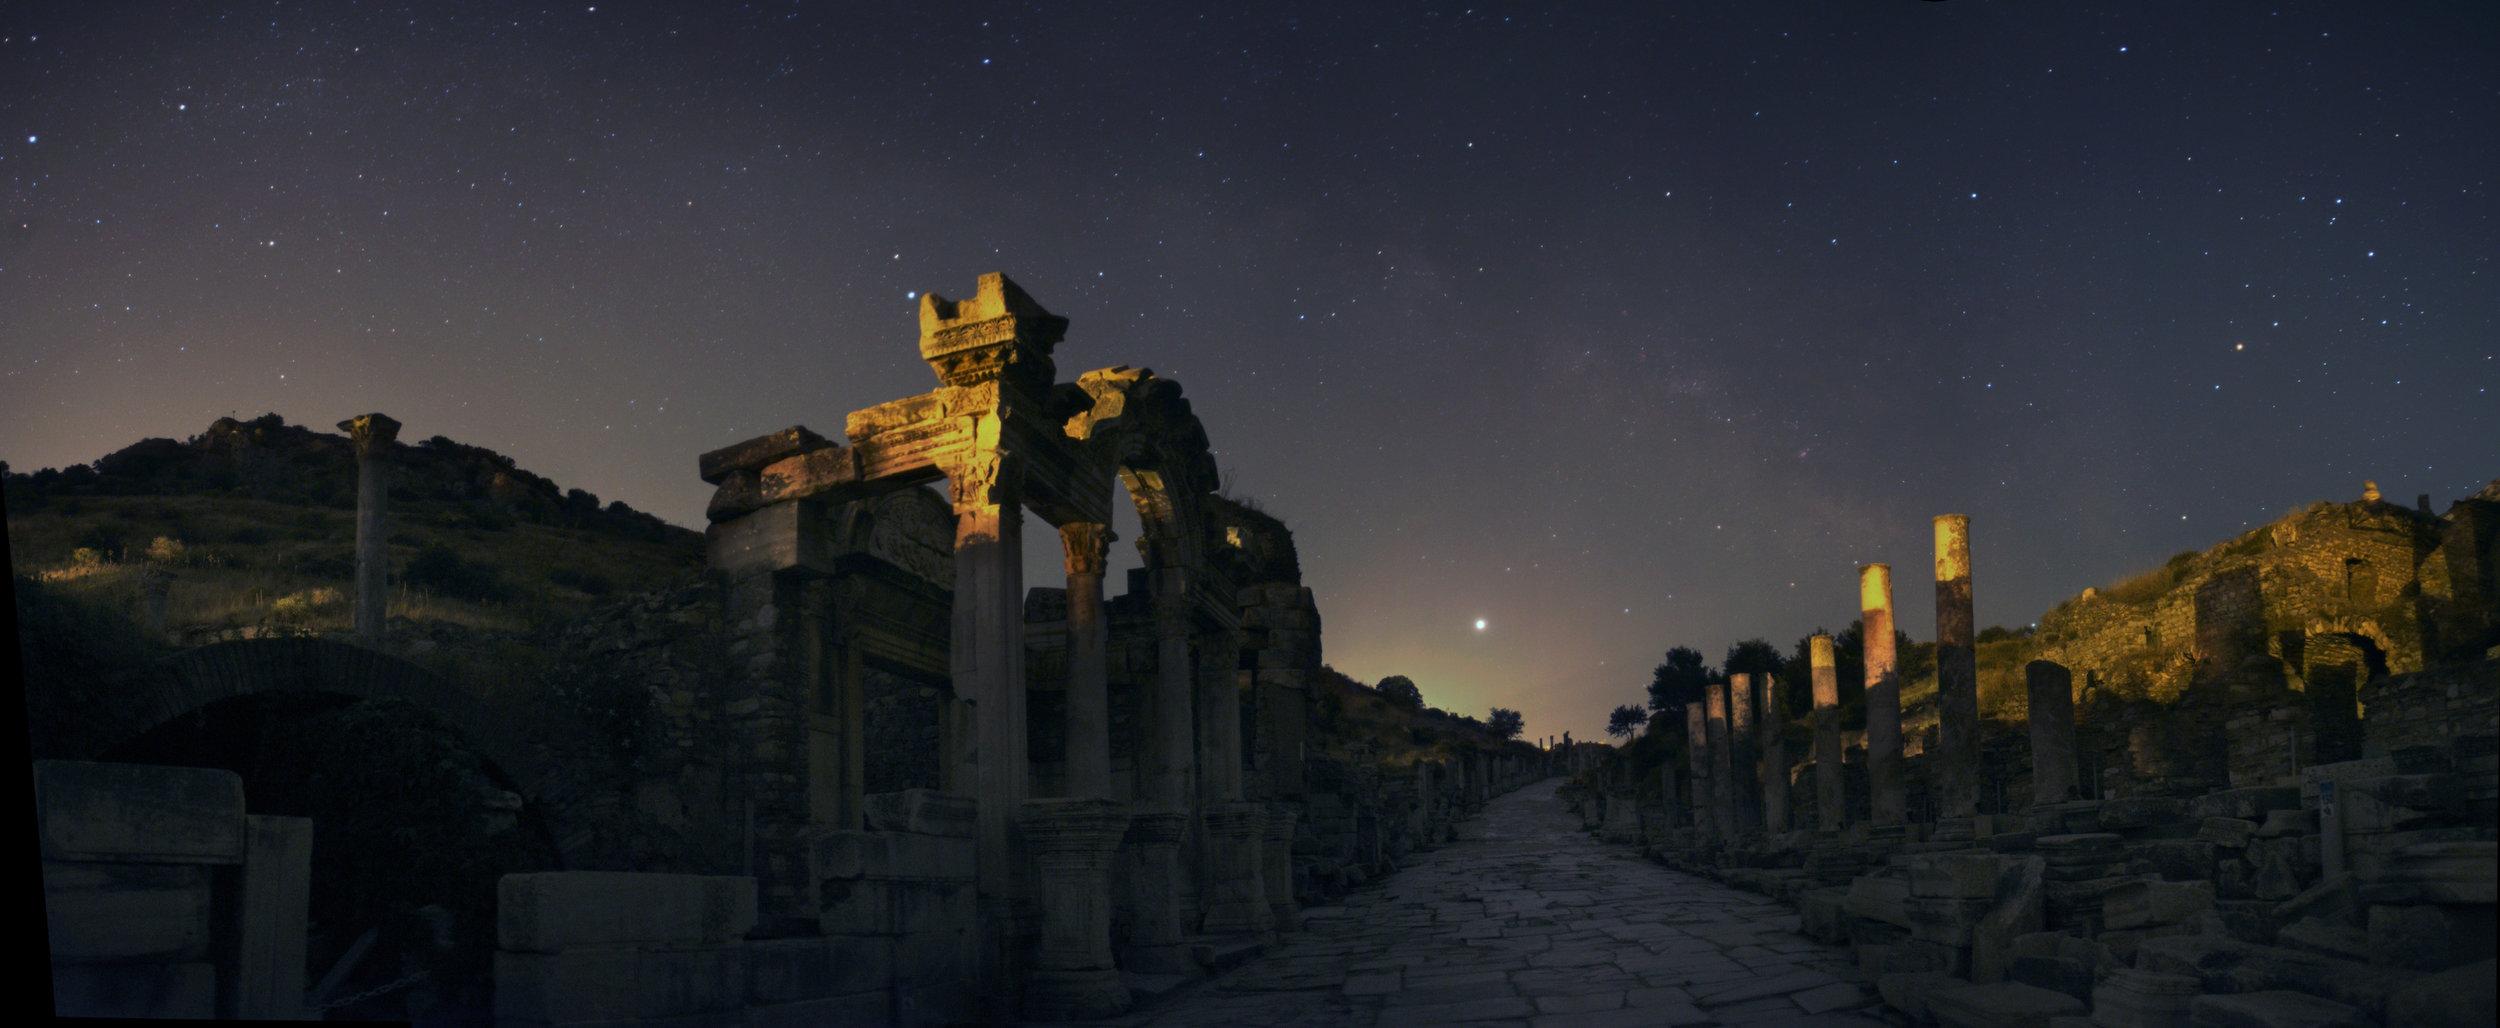 EphesusHadrianus_pan.jpg